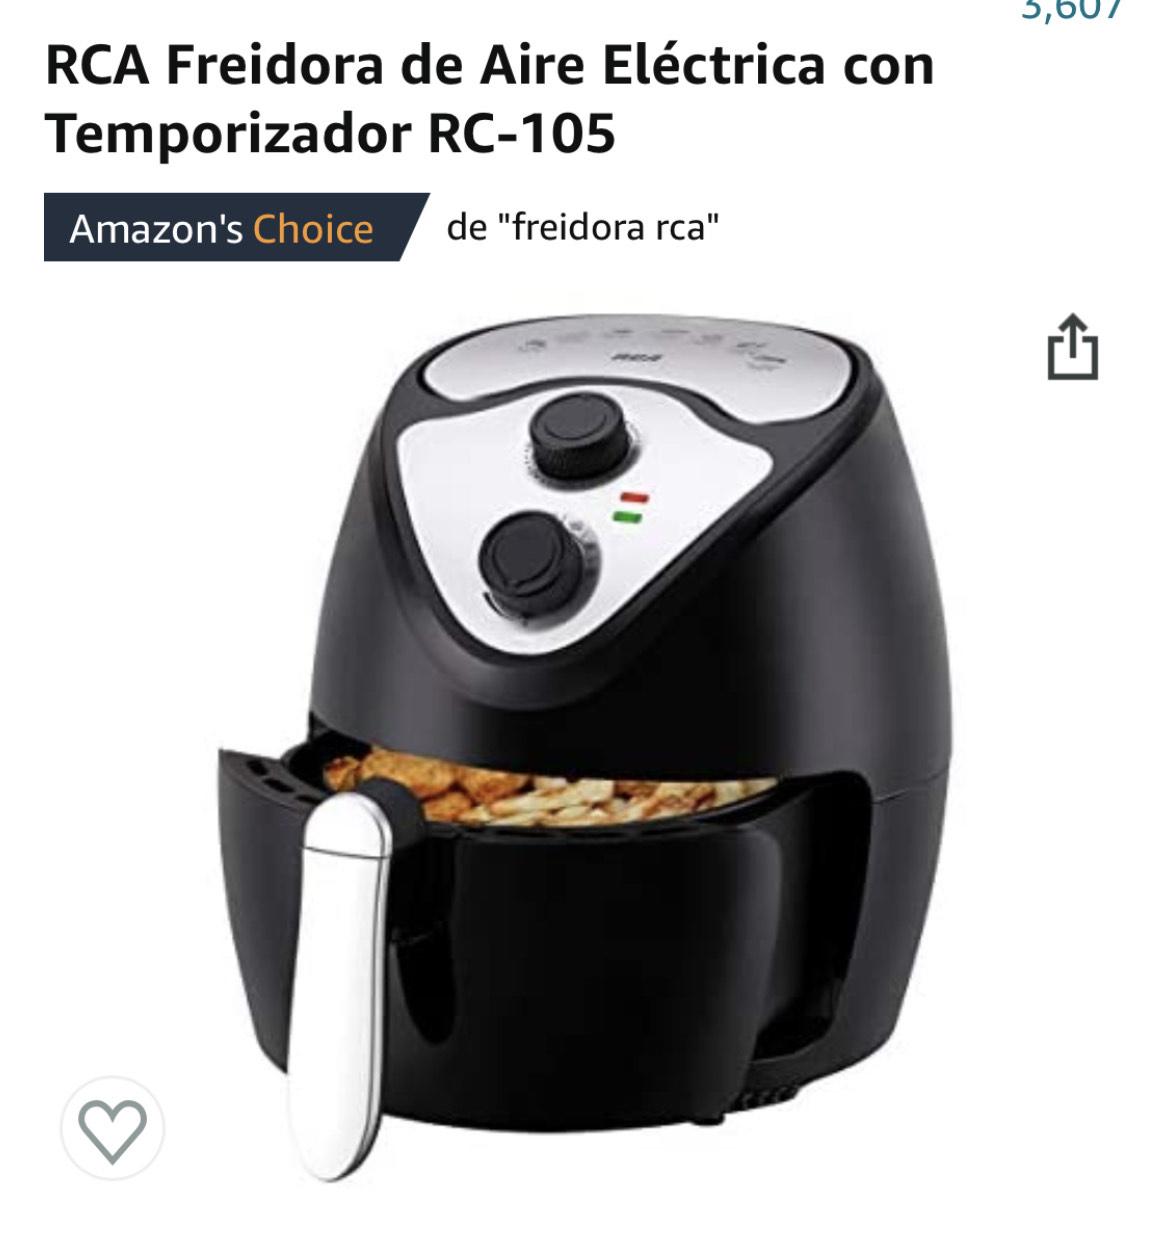 Amazon: RCA Freidora de Aire Eléctrica precio bajo según keppa